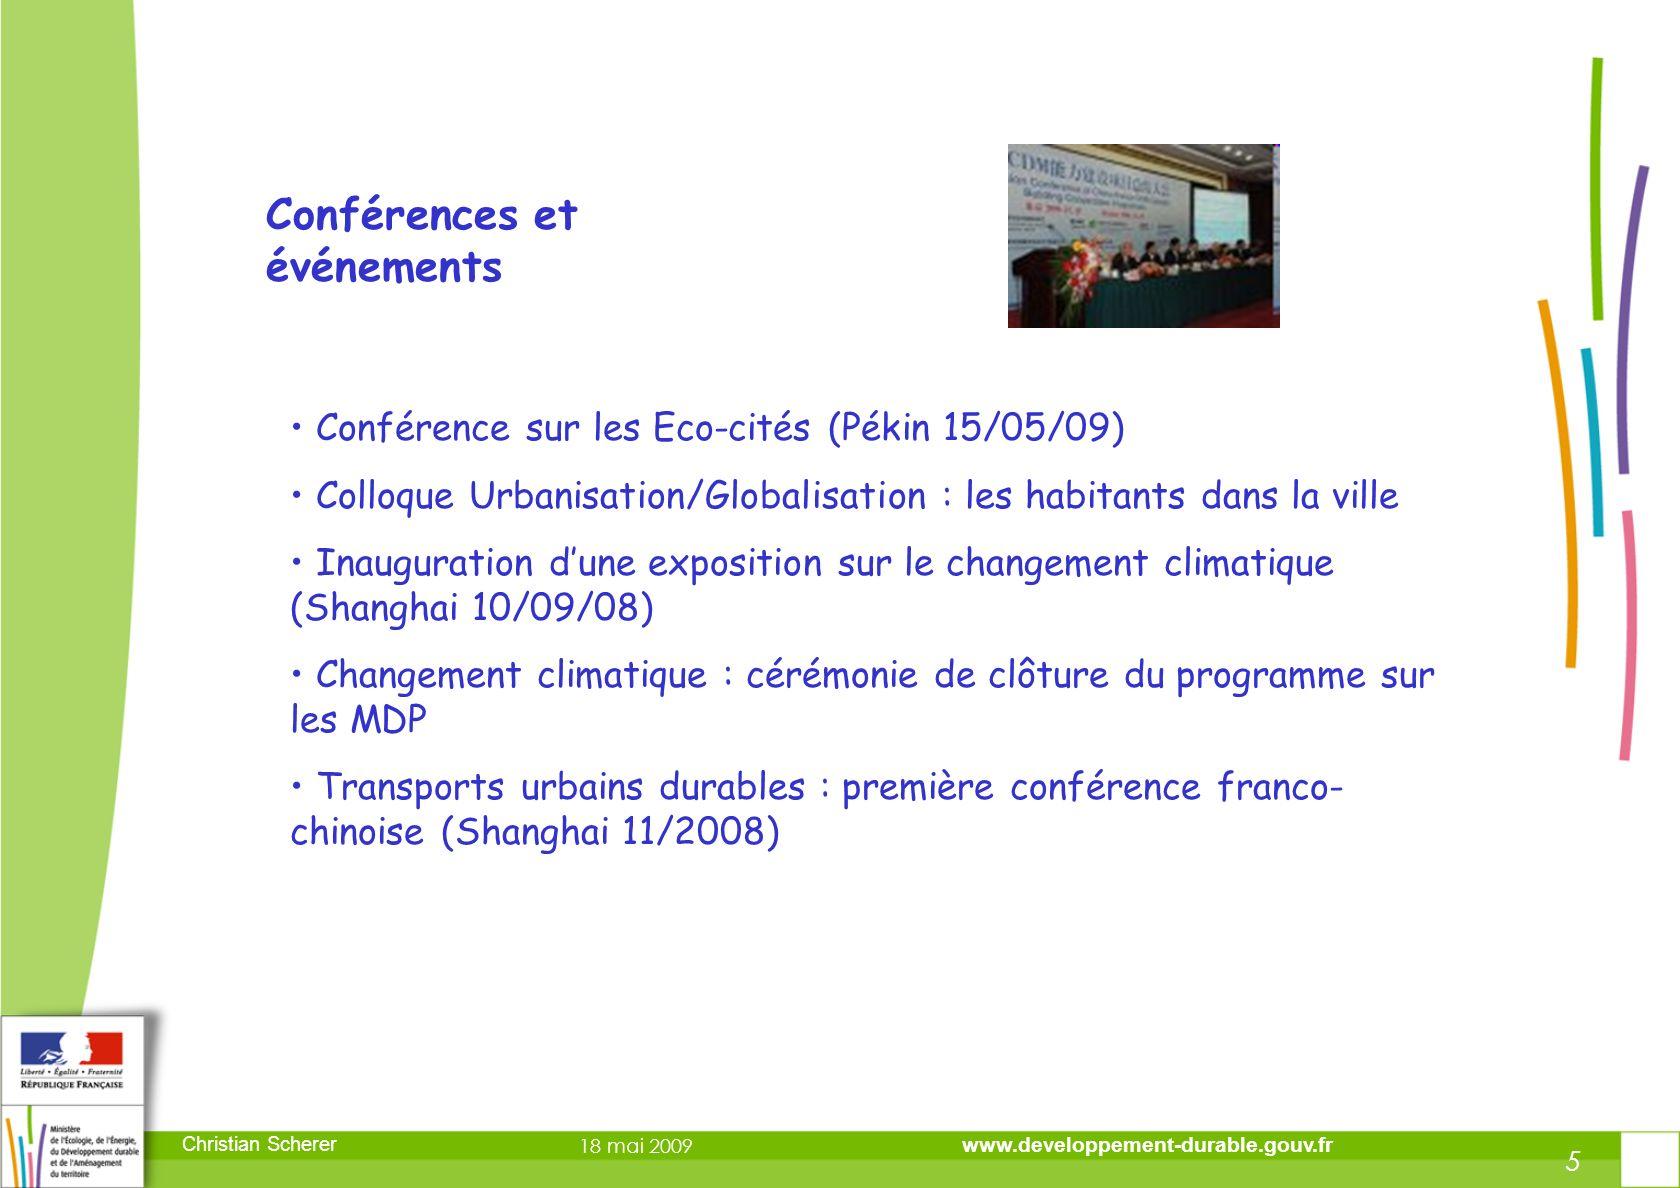 DIRECTION DE LA PREVENTION DES RISQUES ET LUTTE CONTRE LES POLLUTIONS DIRECTION DE LA PREVENTION DES POLLUTIONS ET DES RISQUES DIRECTION DE LA PREVENTION DES RISQUES ET LUTTE CONTRE LES POLLUTIONS DIRECTION DE LA PREVENTION DES POLLUTIONS ET DES RISQUES 5 Christian Scherer 18 mai 2009 www.developpement-durable.gouv.fr 5 Conférences et événements Conférence sur les Eco-cités (Pékin 15/05/09) Colloque Urbanisation/Globalisation : les habitants dans la ville Inauguration dune exposition sur le changement climatique (Shanghai 10/09/08) Changement climatique : cérémonie de clôture du programme sur les MDP Transports urbains durables : première conférence franco- chinoise (Shanghai 11/2008)